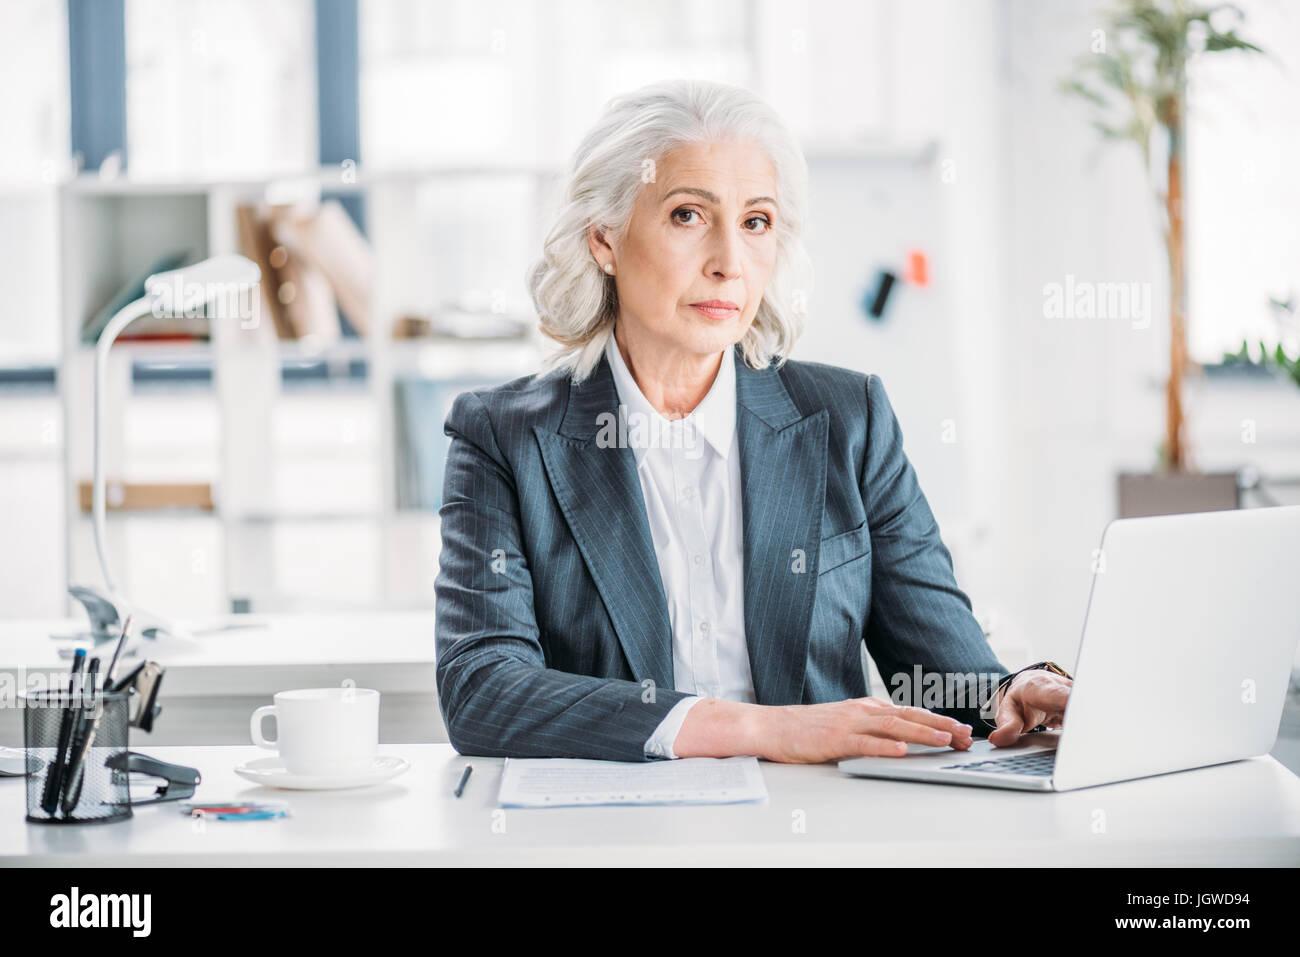 Porträt von zuversichtlich Geschäftsfrau Tippen auf Laptop am Arbeitsplatz im modernen office Stockbild